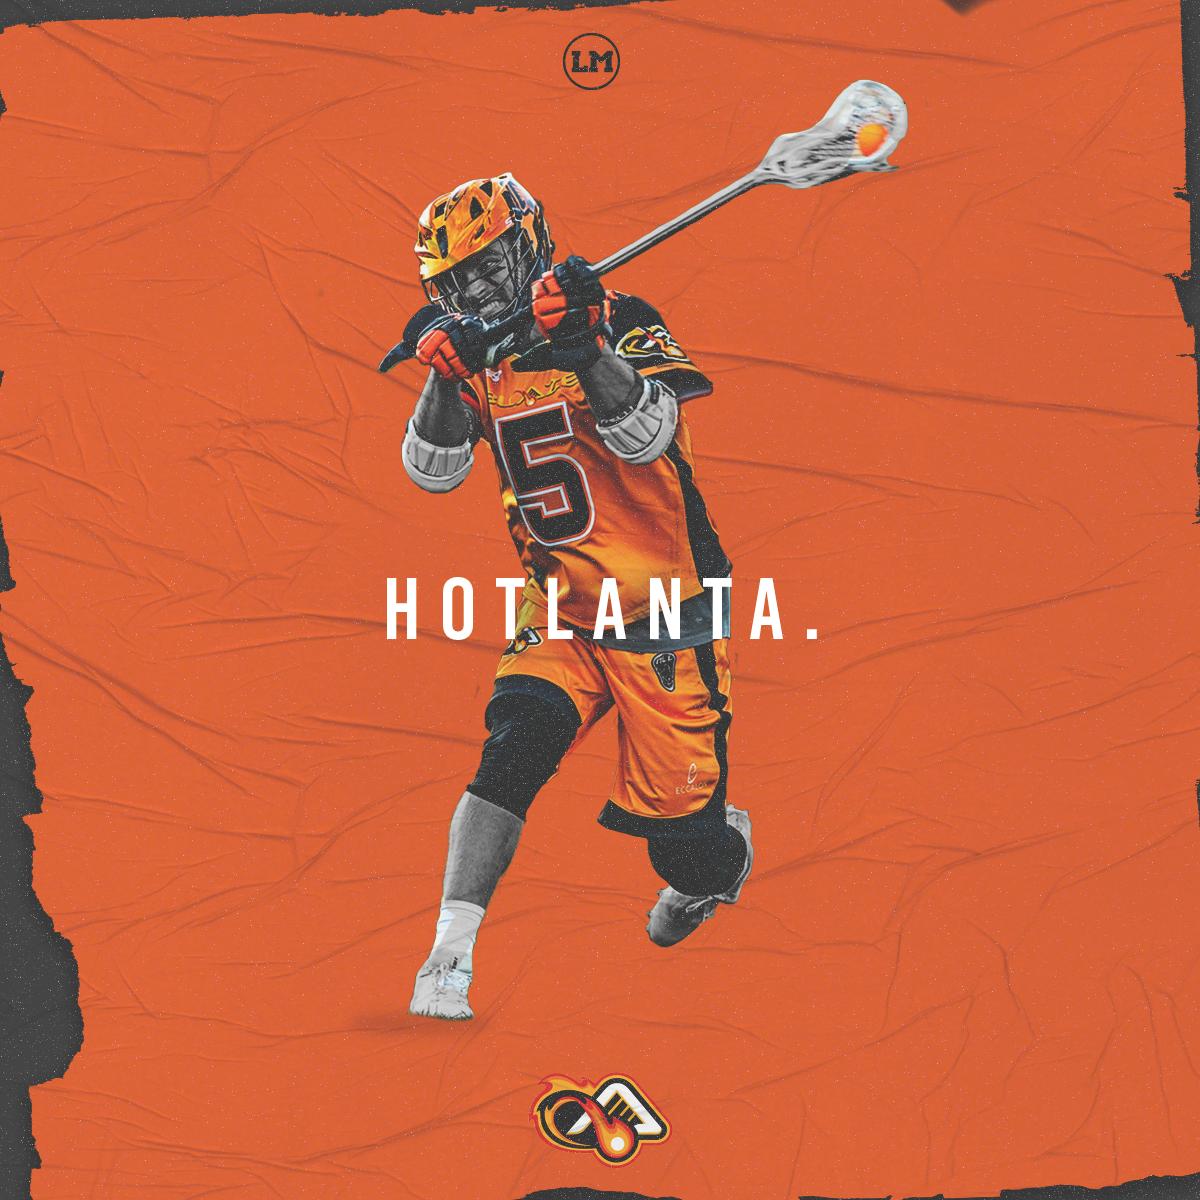 HotLanta.png